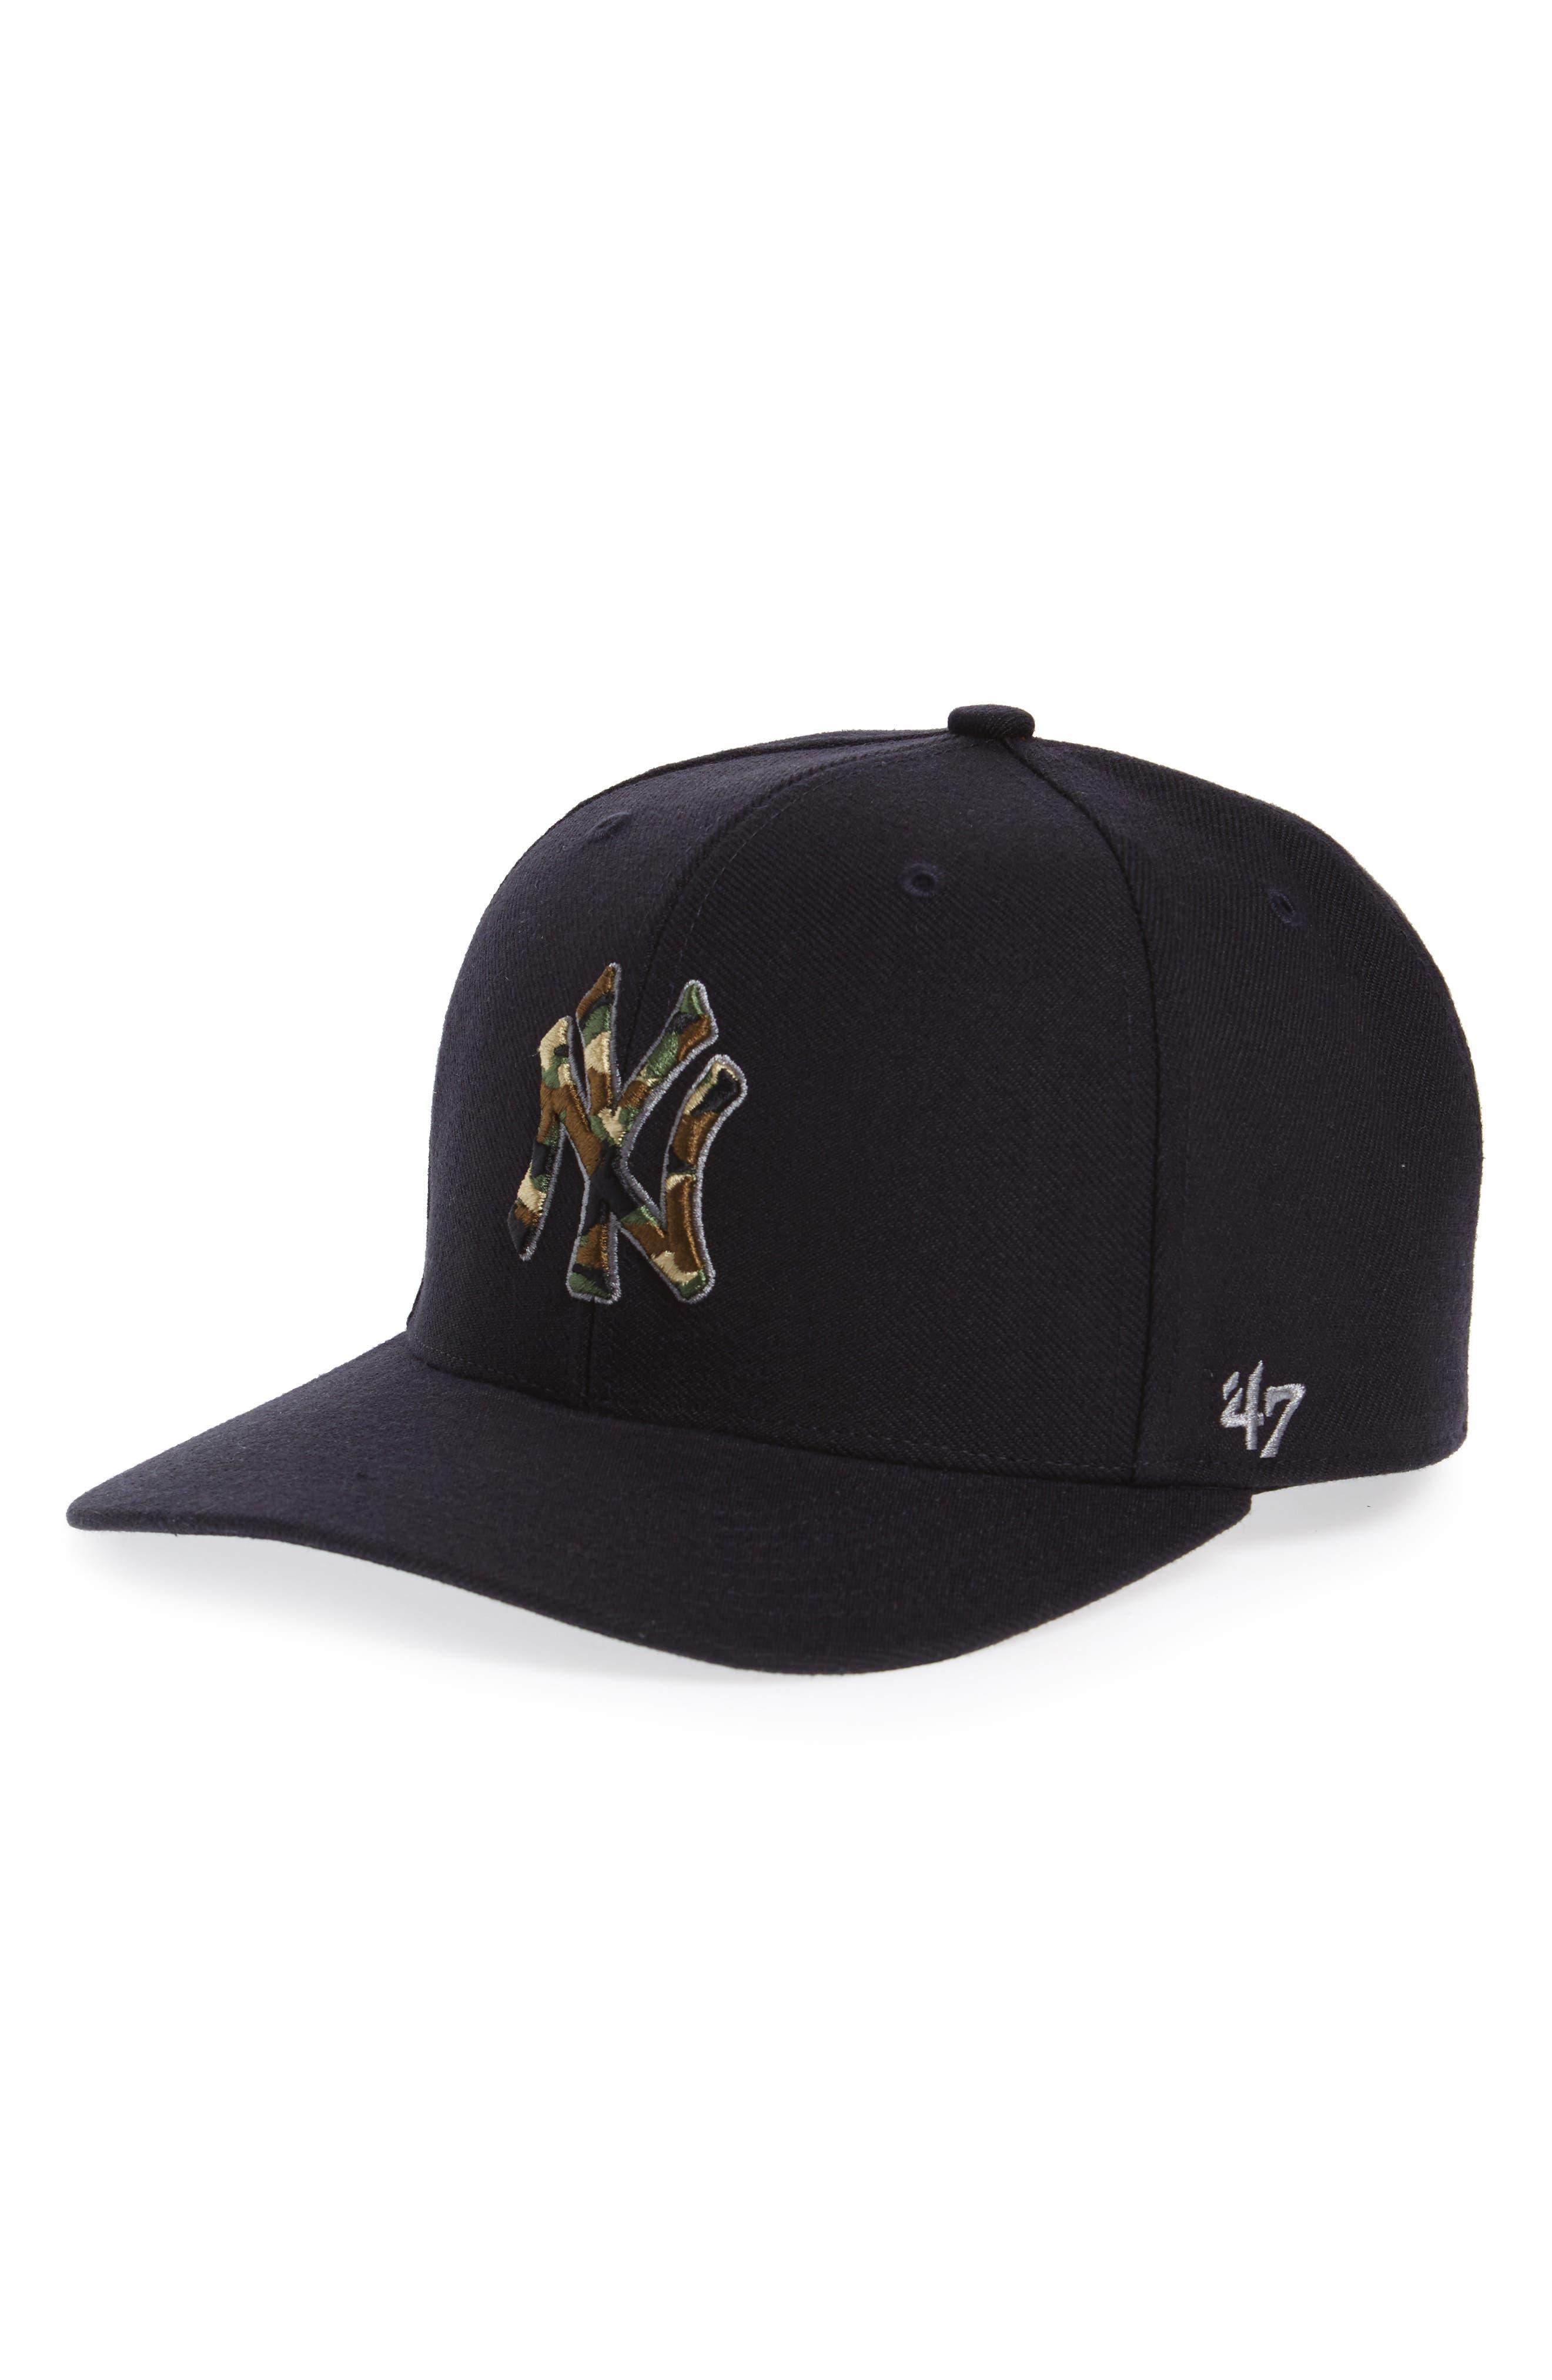 Camfill New York Yankees Baseball Cap,                         Main,                         color, 400